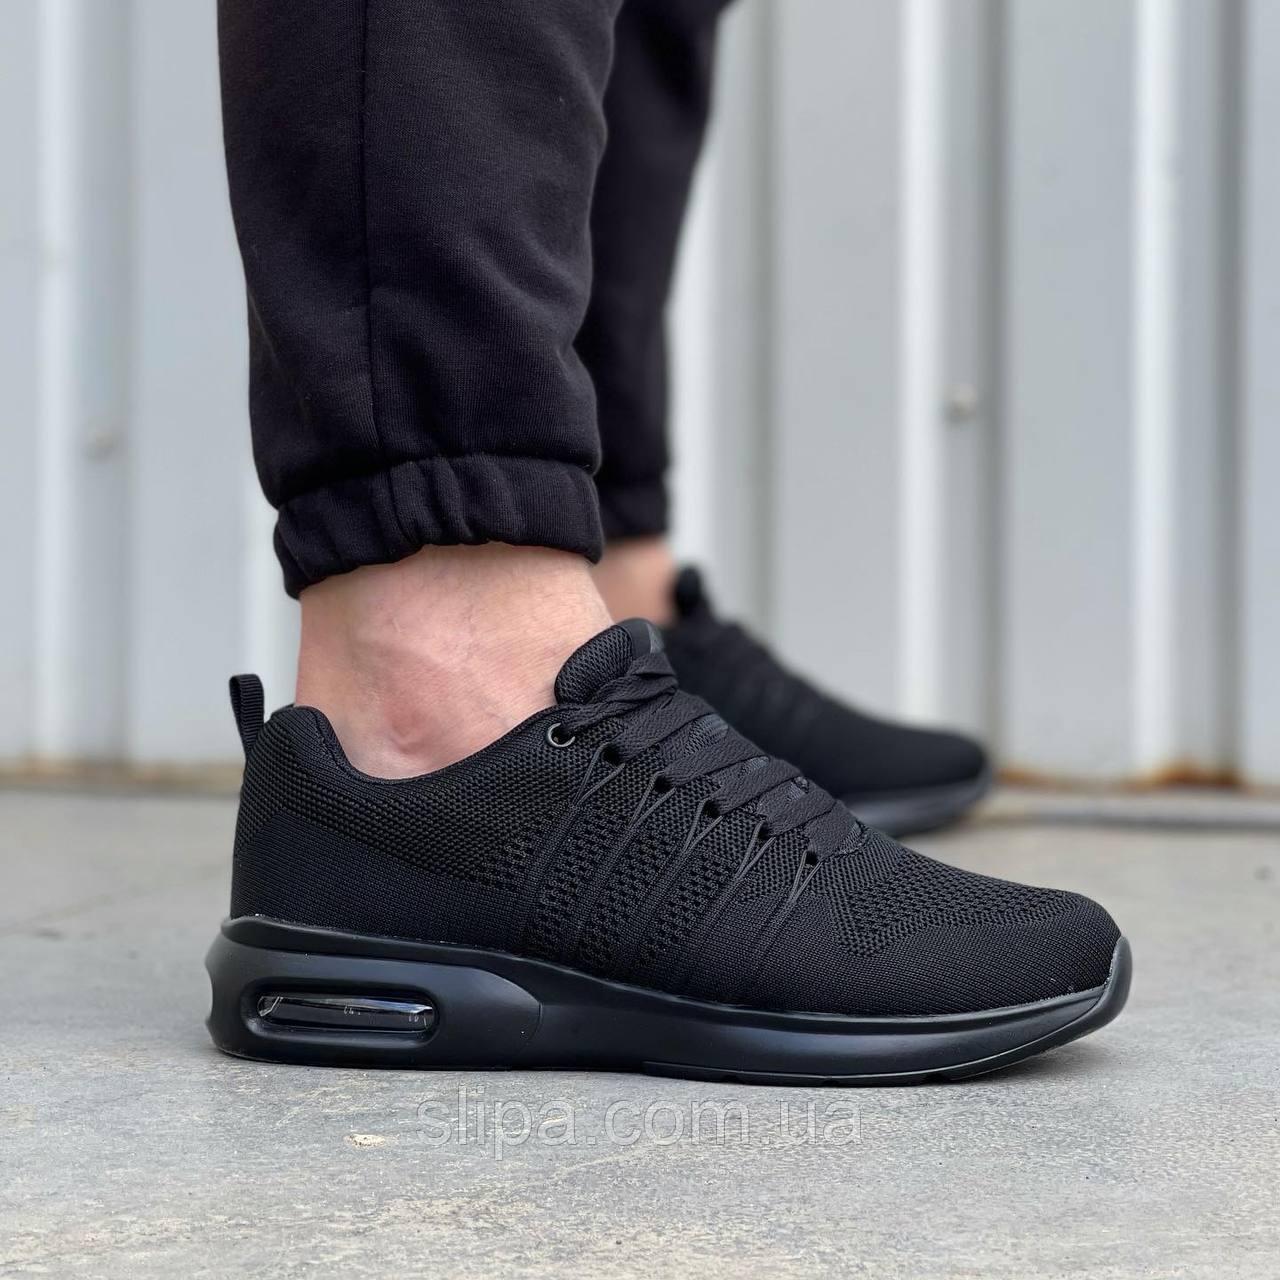 Чорні чоловічі текстильні кросівки Stilli на чорній підошві | текстиль + піна